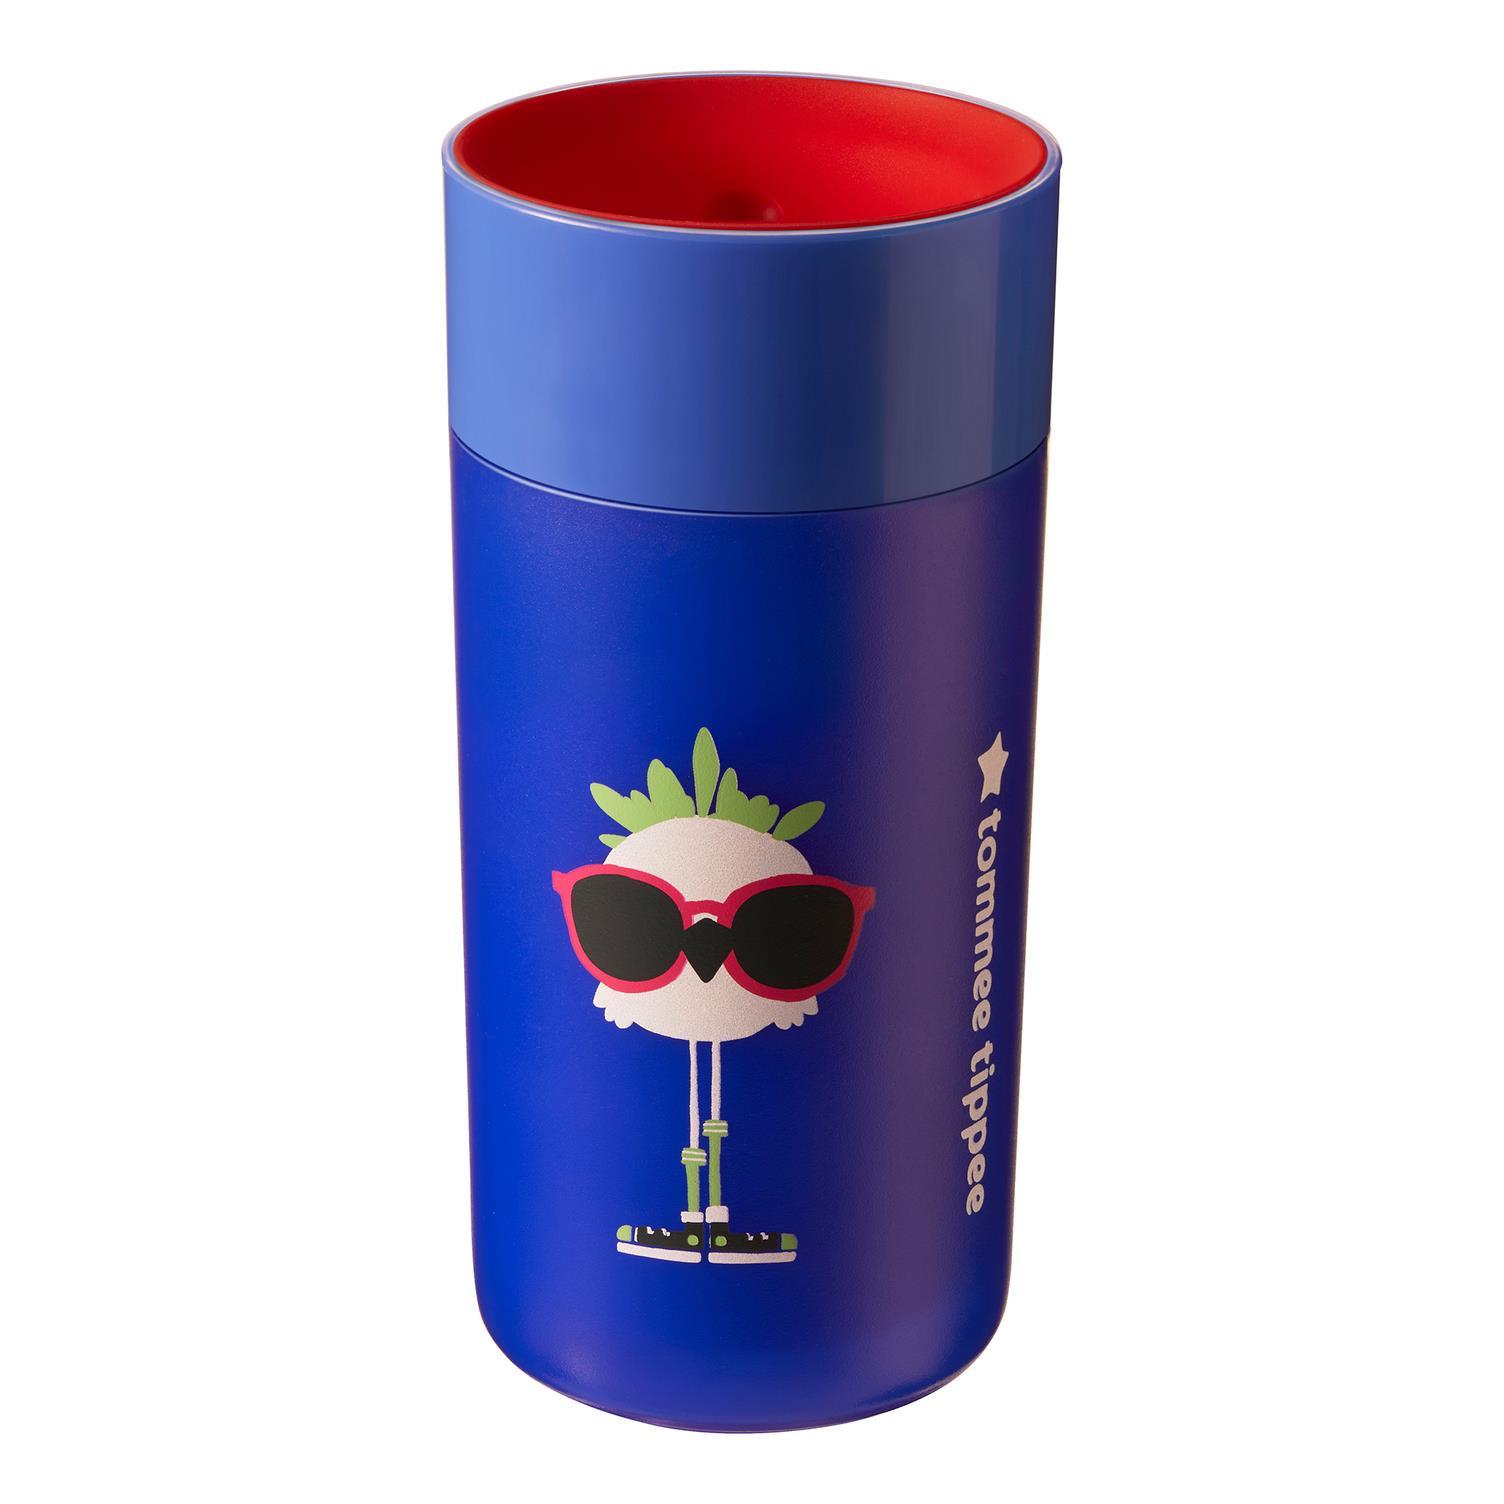 כוס 360 מבודדת 12+ כחול